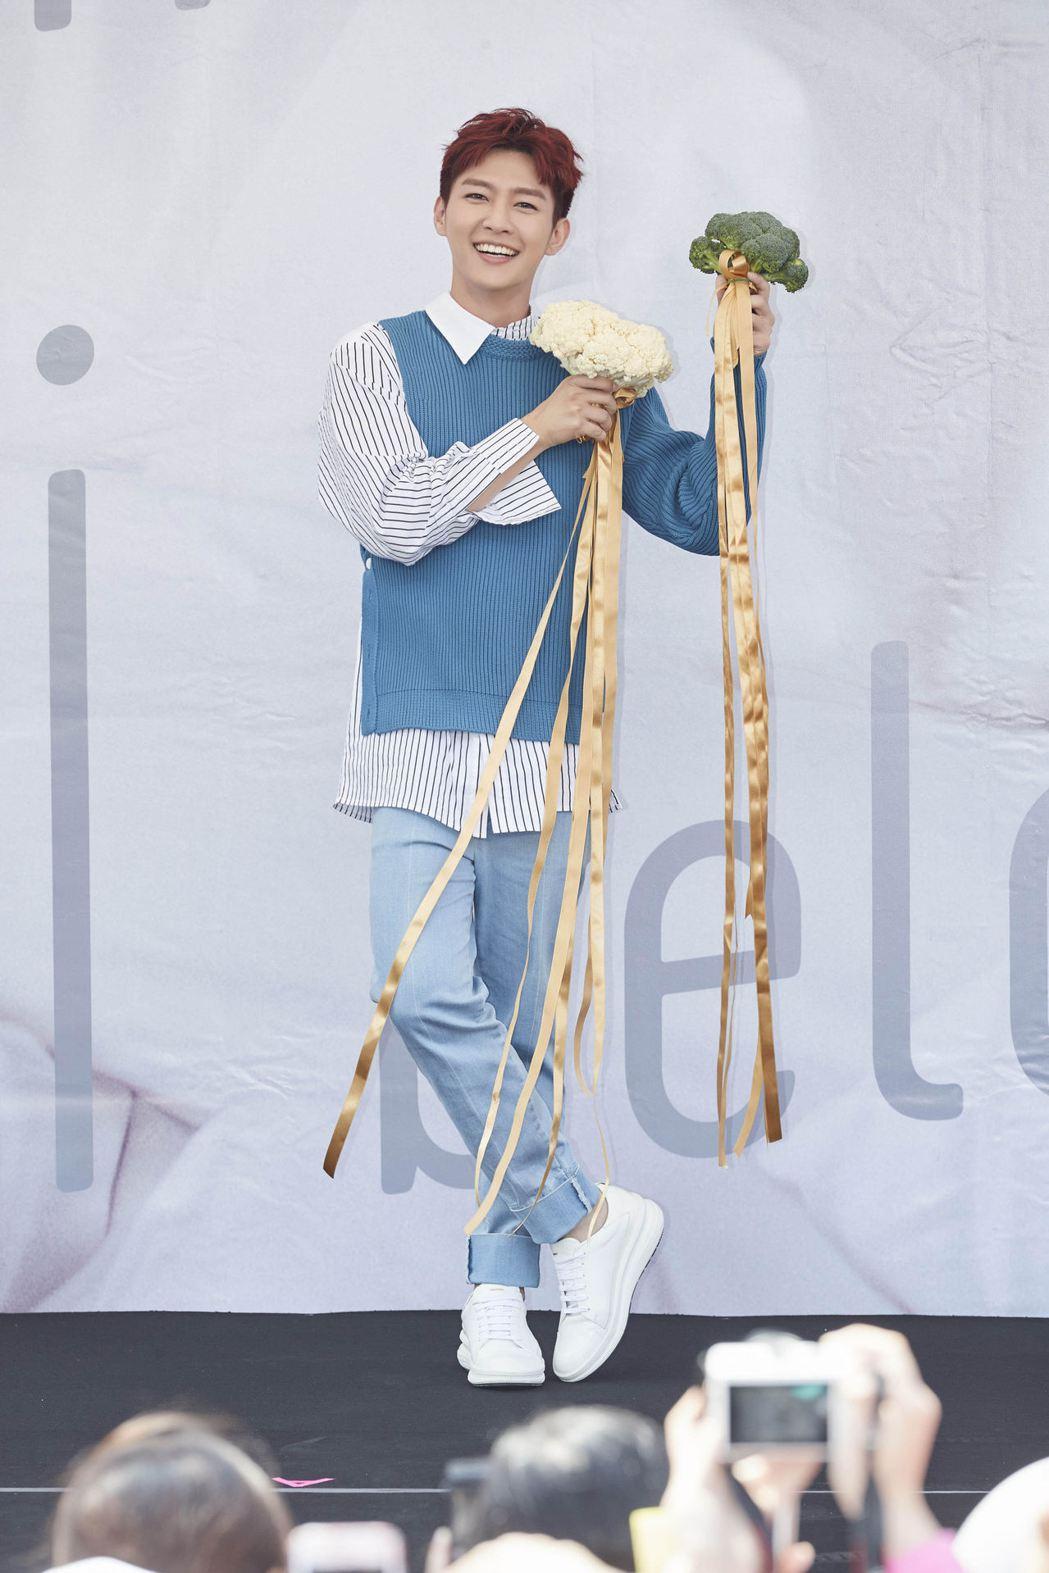 炎亞綸手拿花椰菜舉行簽唱會。圖/華研提供